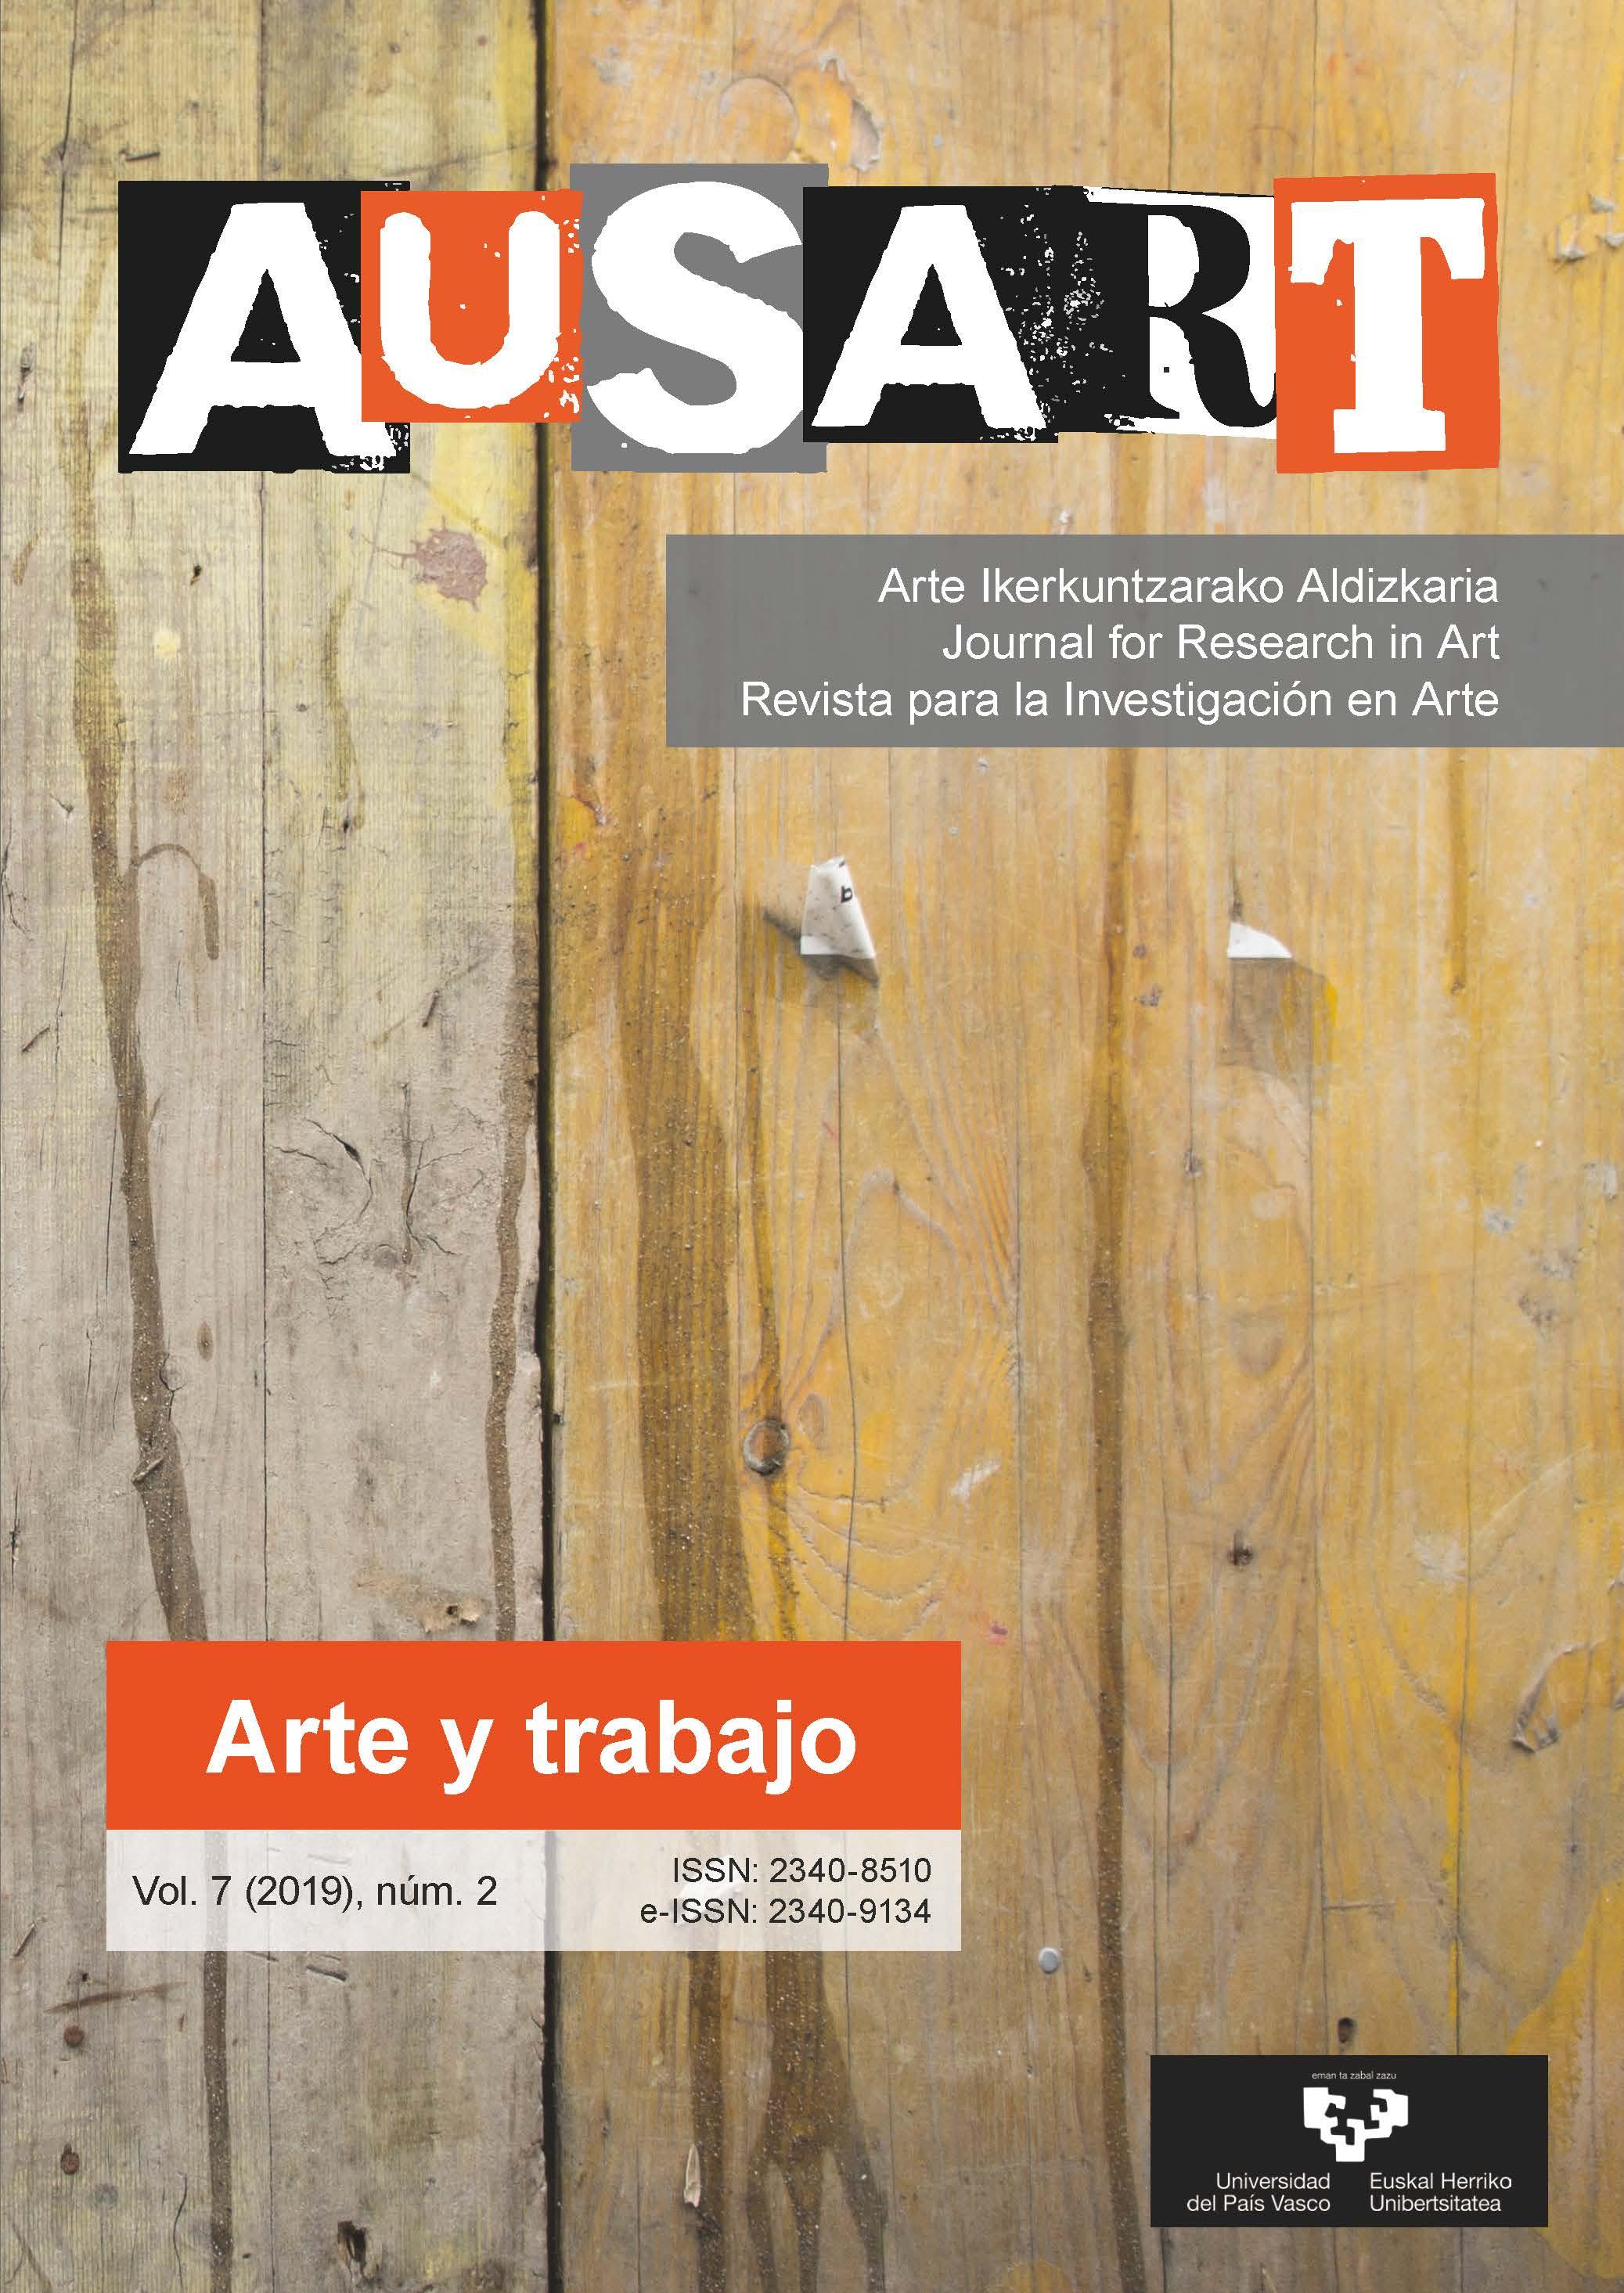 Portada AusArt vol. 7, número 2 (2019)